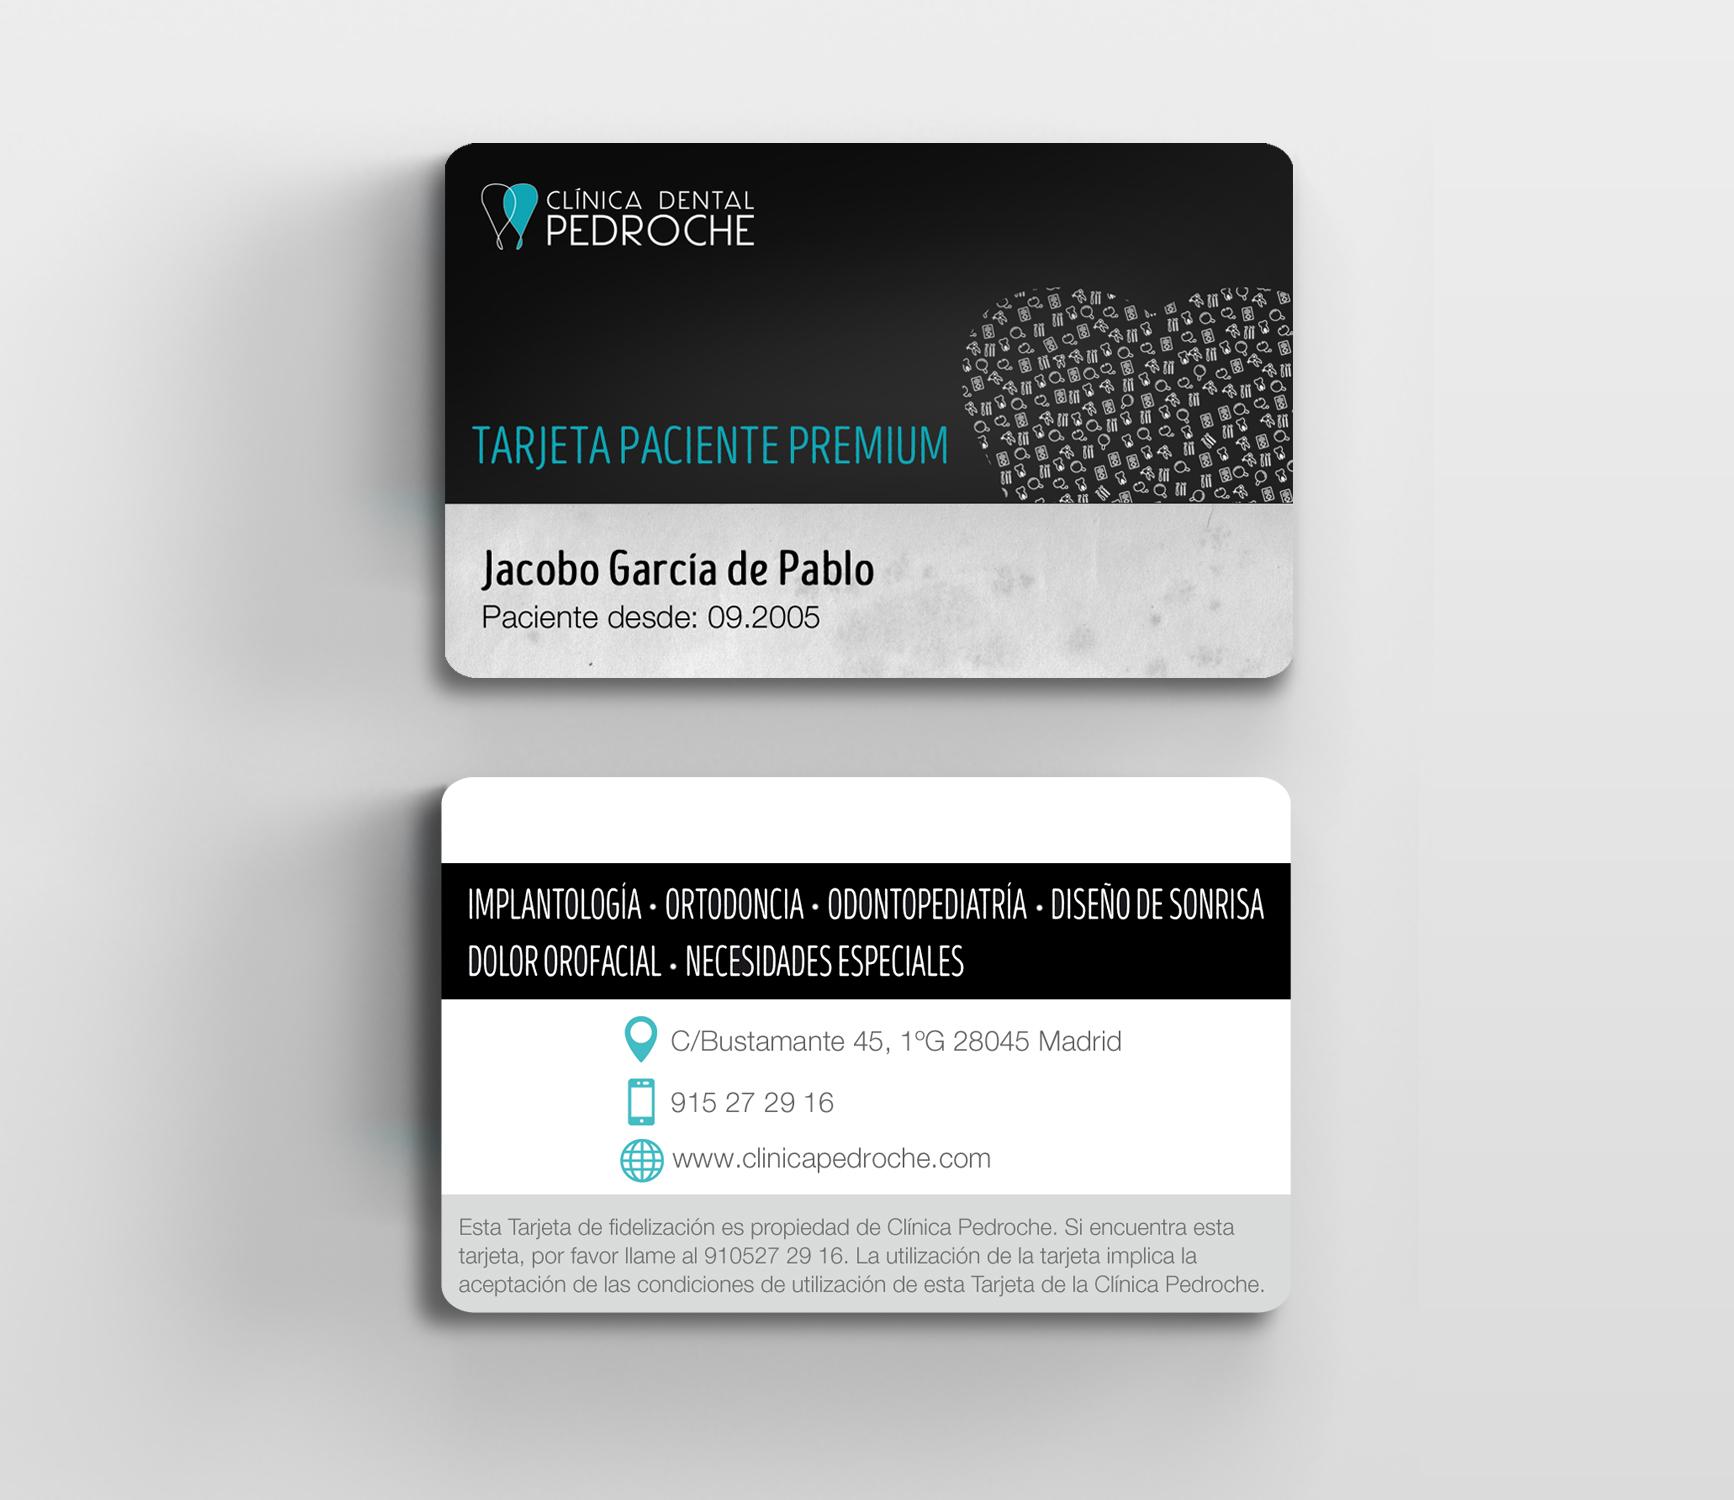 Diseño de tarjetas de fidelización para Clínica Pedroche